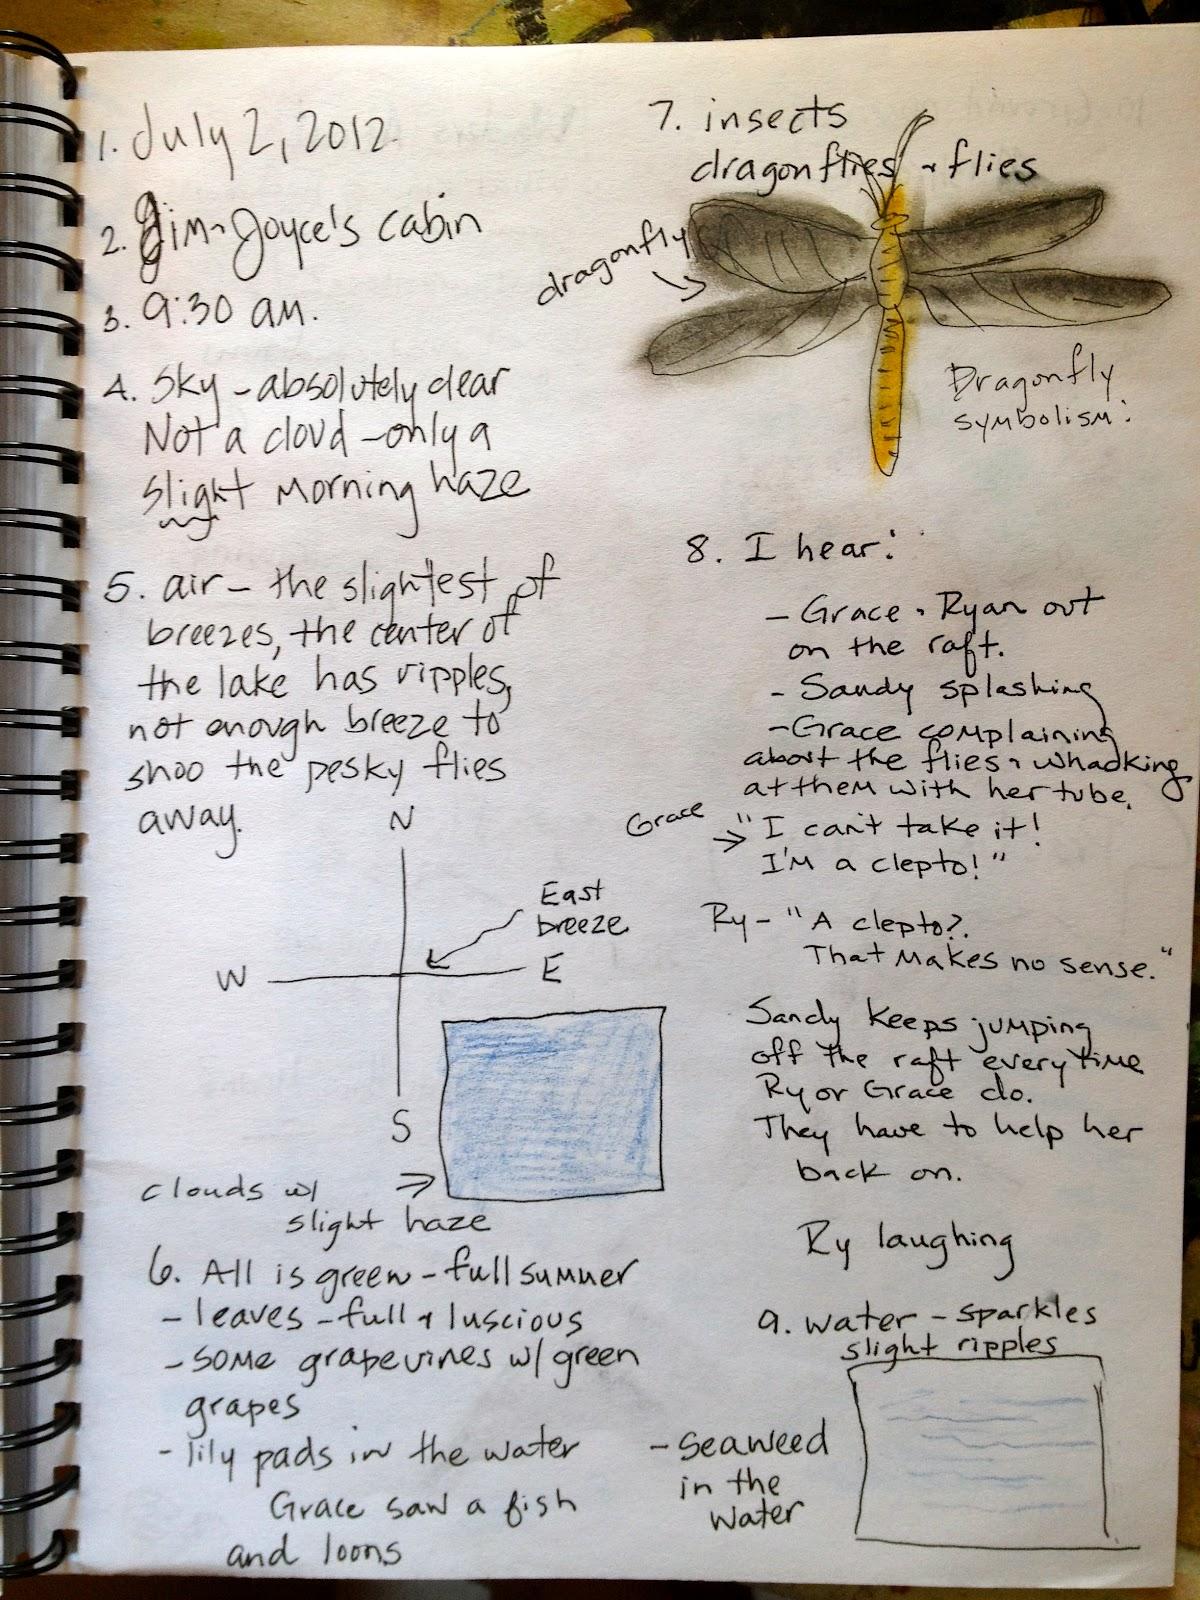 nature journal template - Hizir kaptanband co